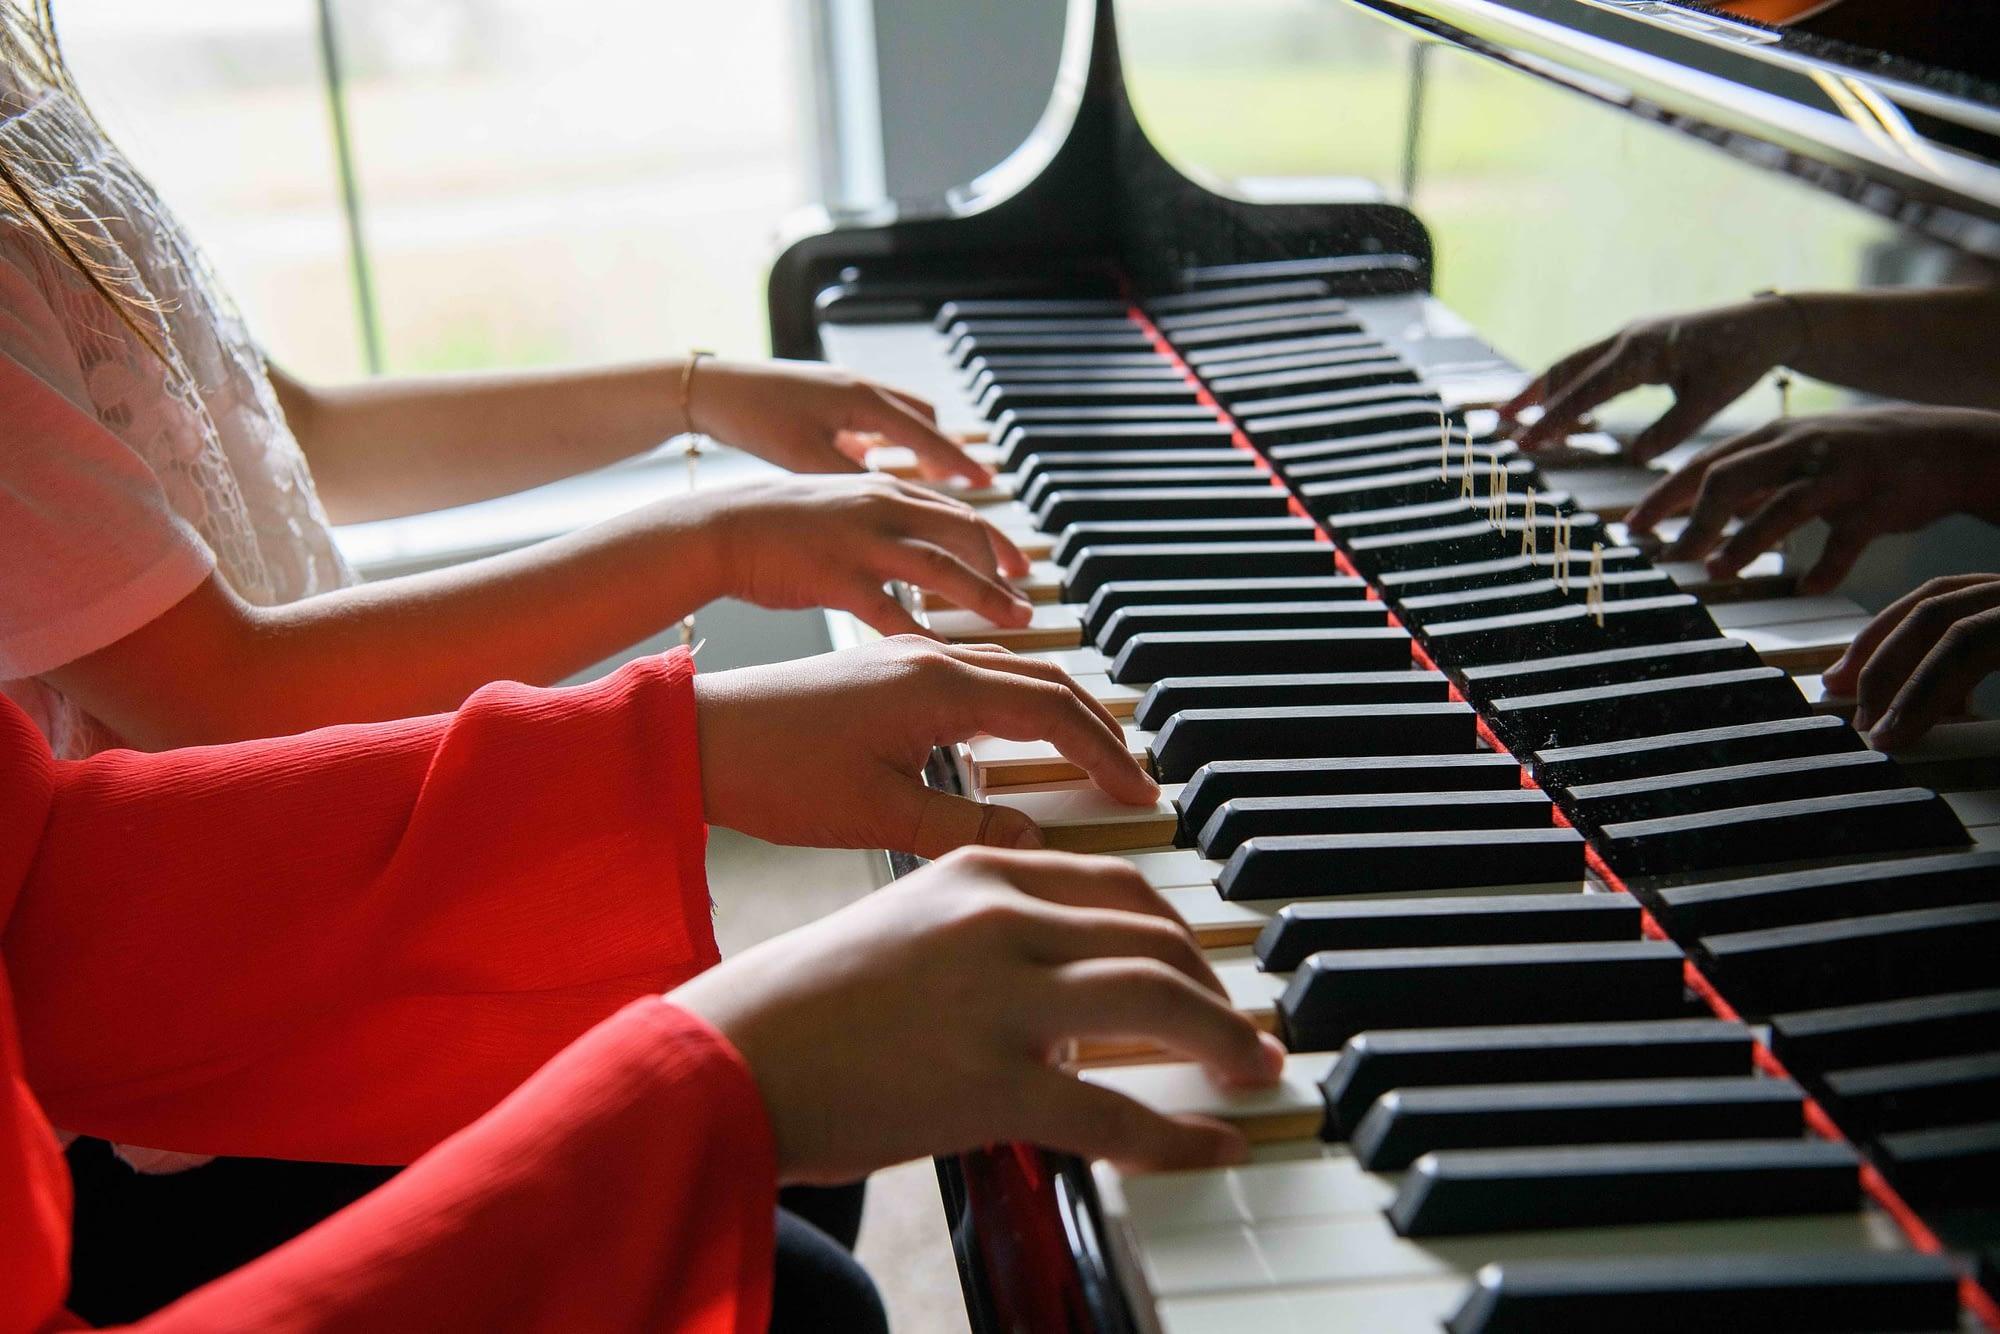 Piano students duet hands